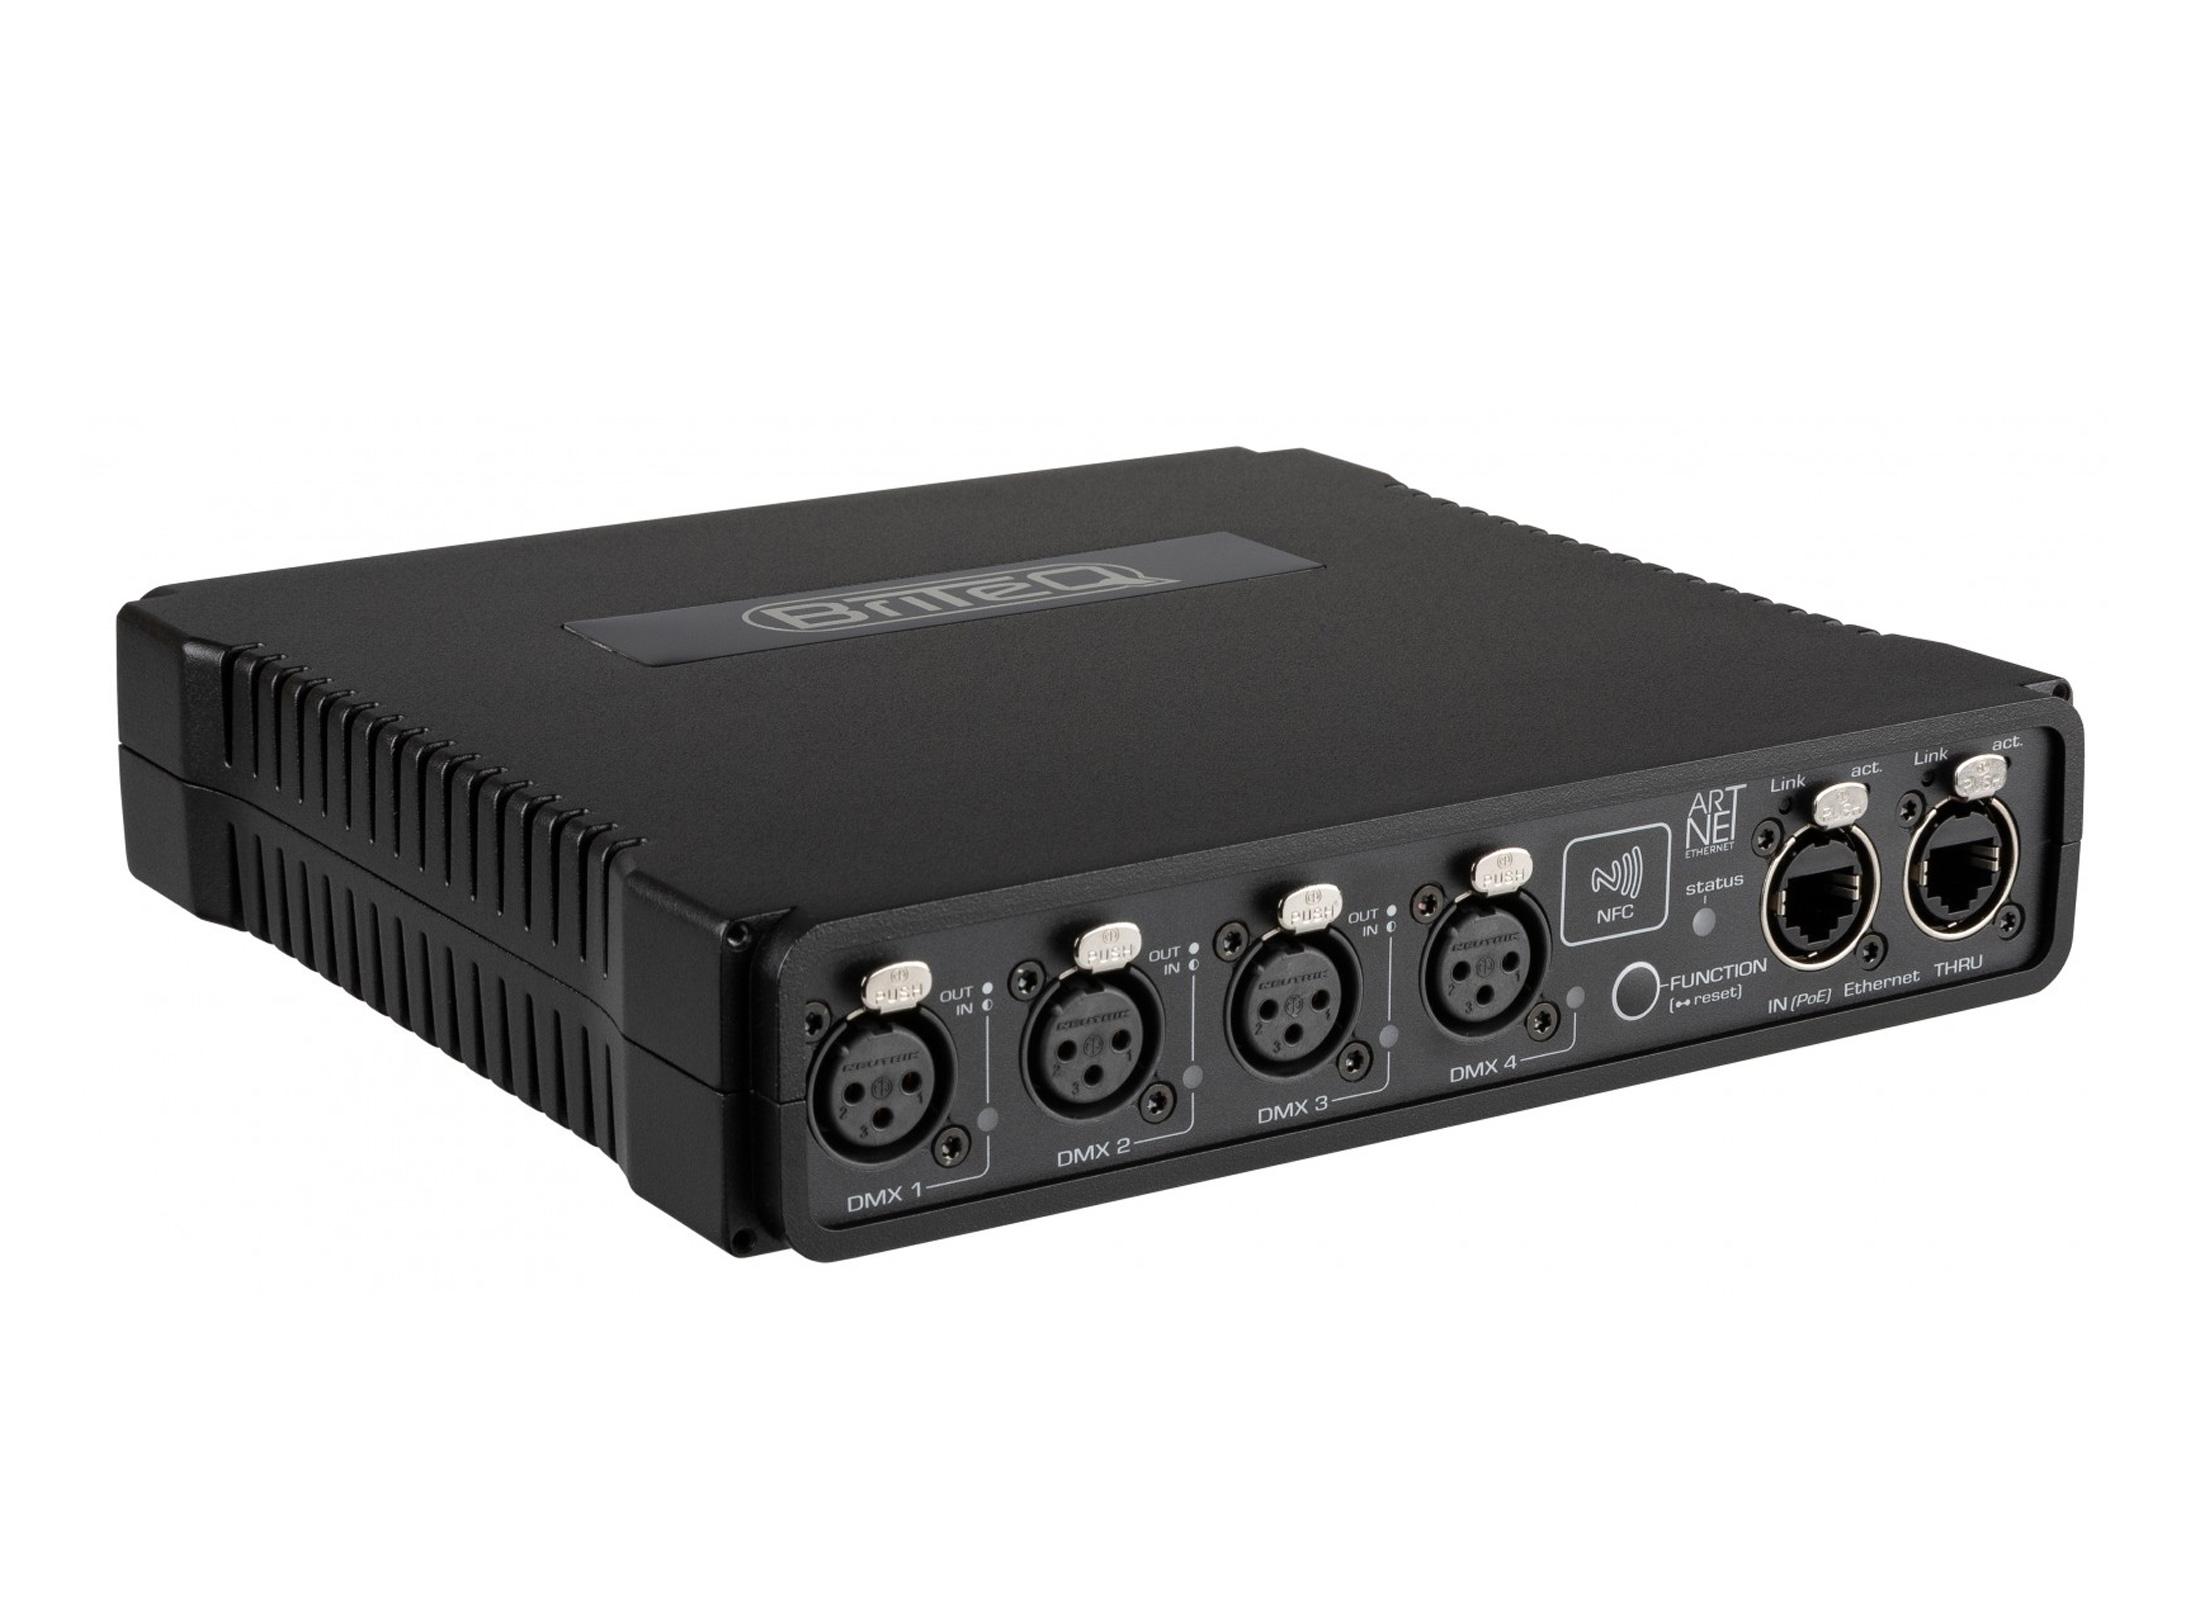 Briteq BT-NODE24 XLR 3pin ArtNet DMX Converter, 19''/1U, 4x 3pol XLR, USB,  Midi, PoE, RDM, integrated Webinterface